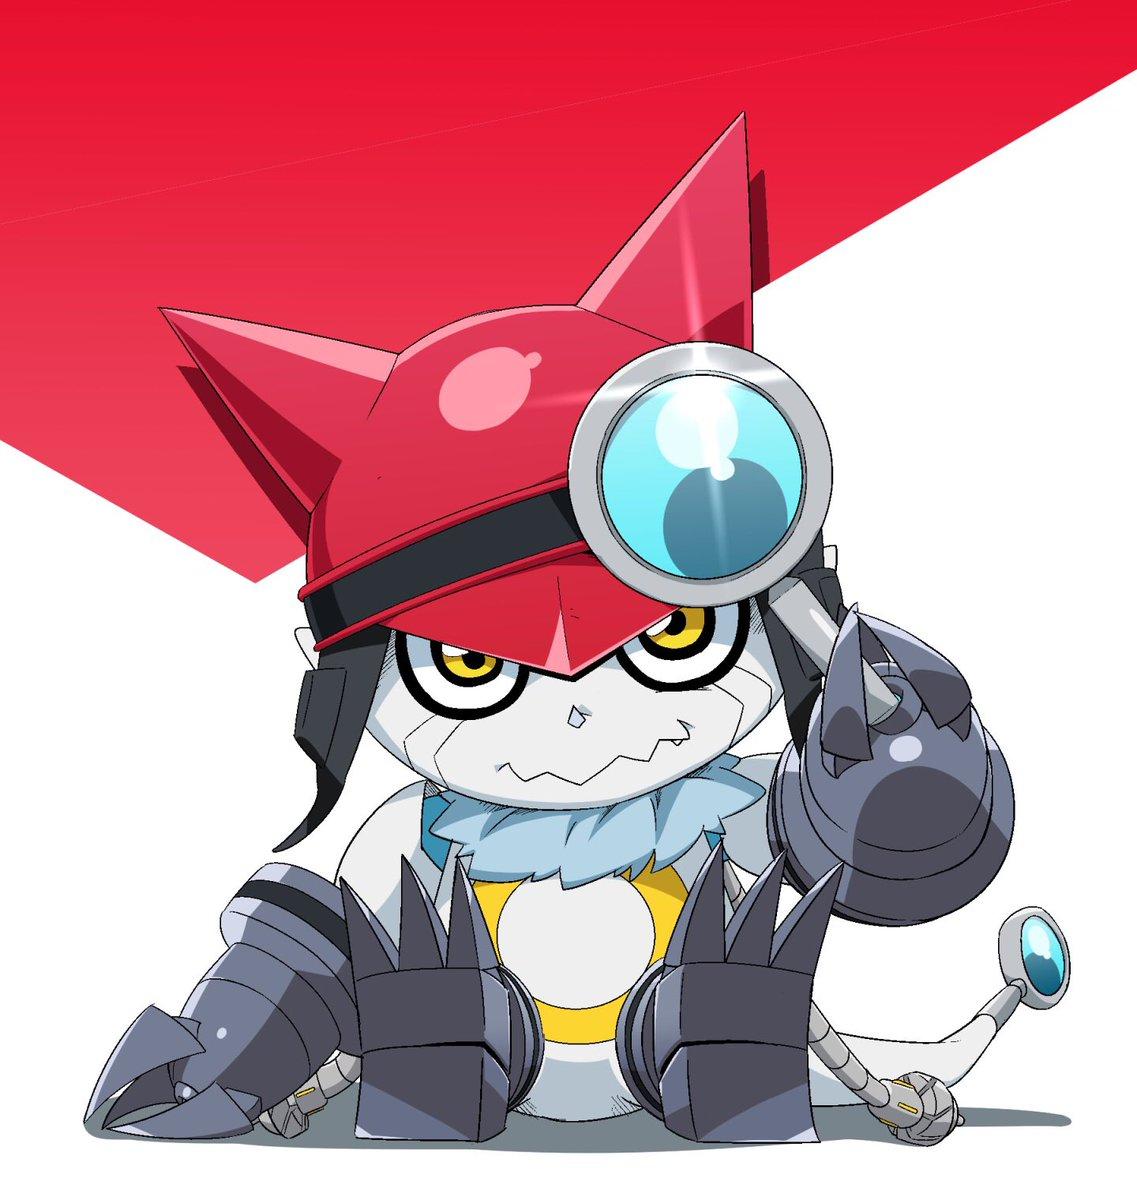 ついにアニメアプリモンスターズスタート!これから土曜日は早起きだゾ #アプモン